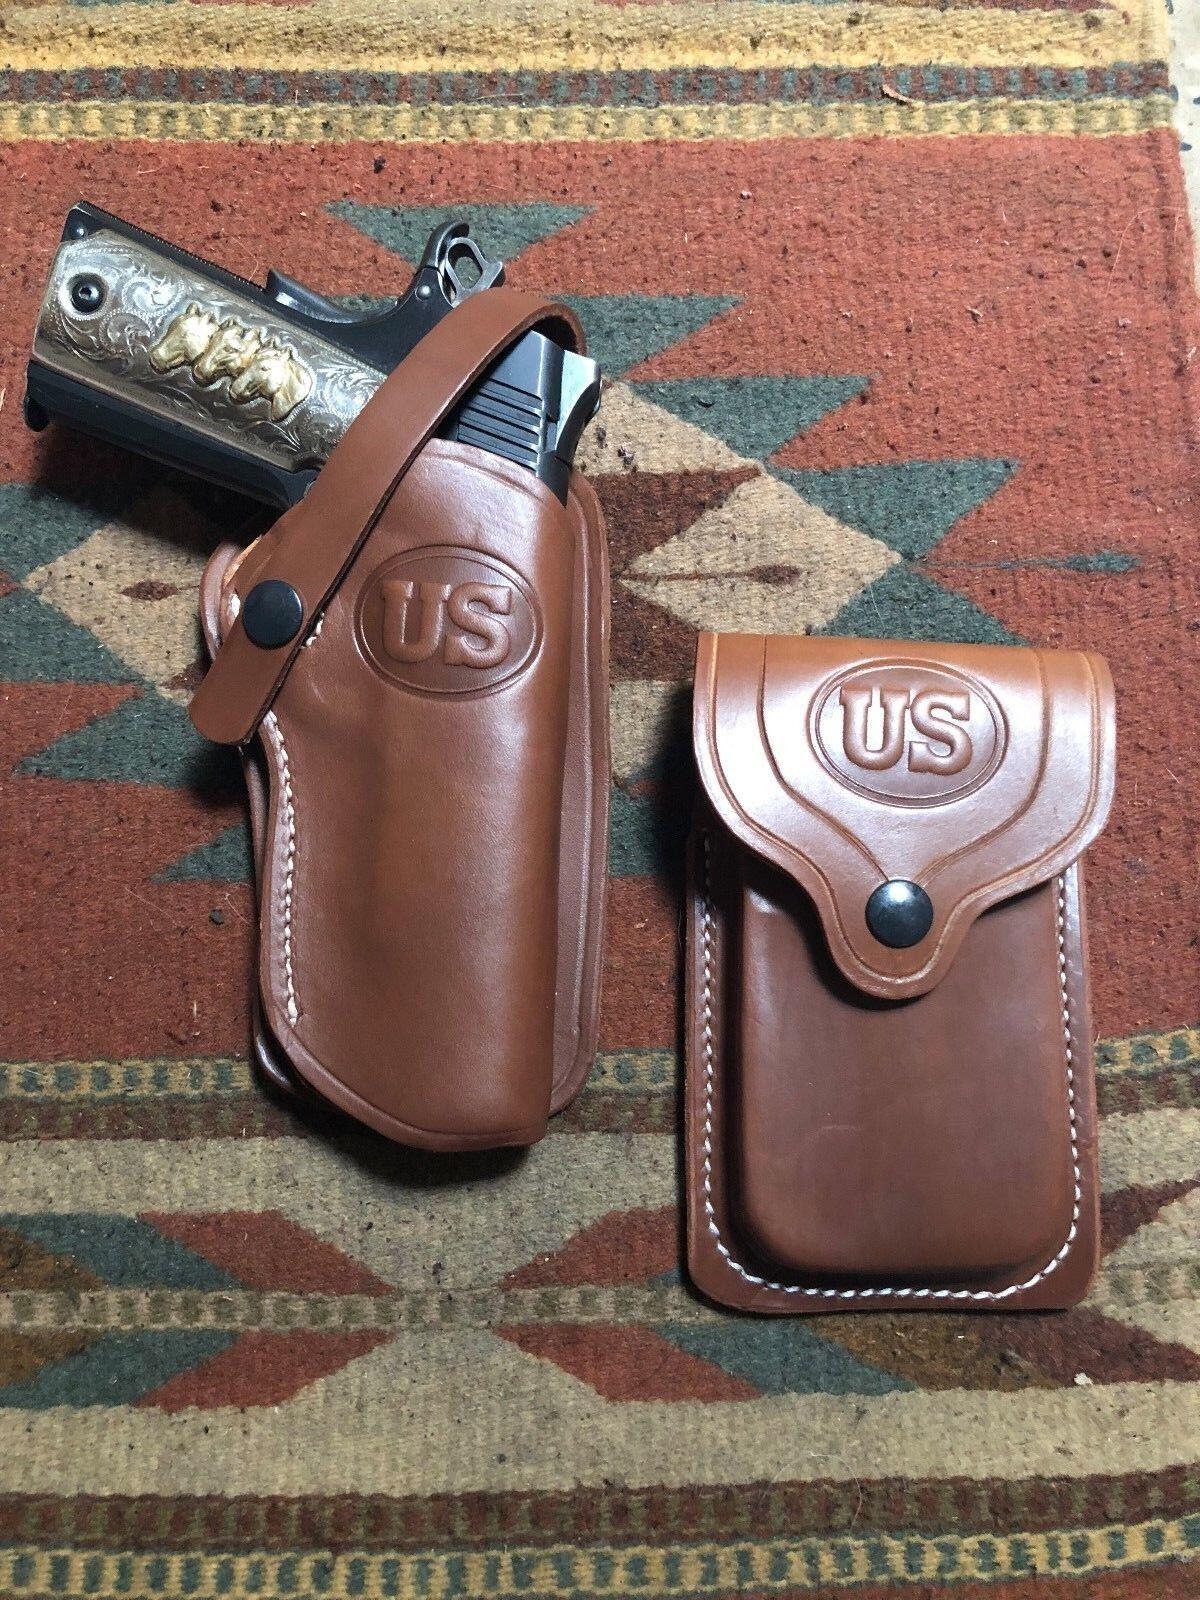 Se adapta a Colt RIA Springfield Ruger Govt 1911 & Funda De Cuero Occidental M bolsa del Mag